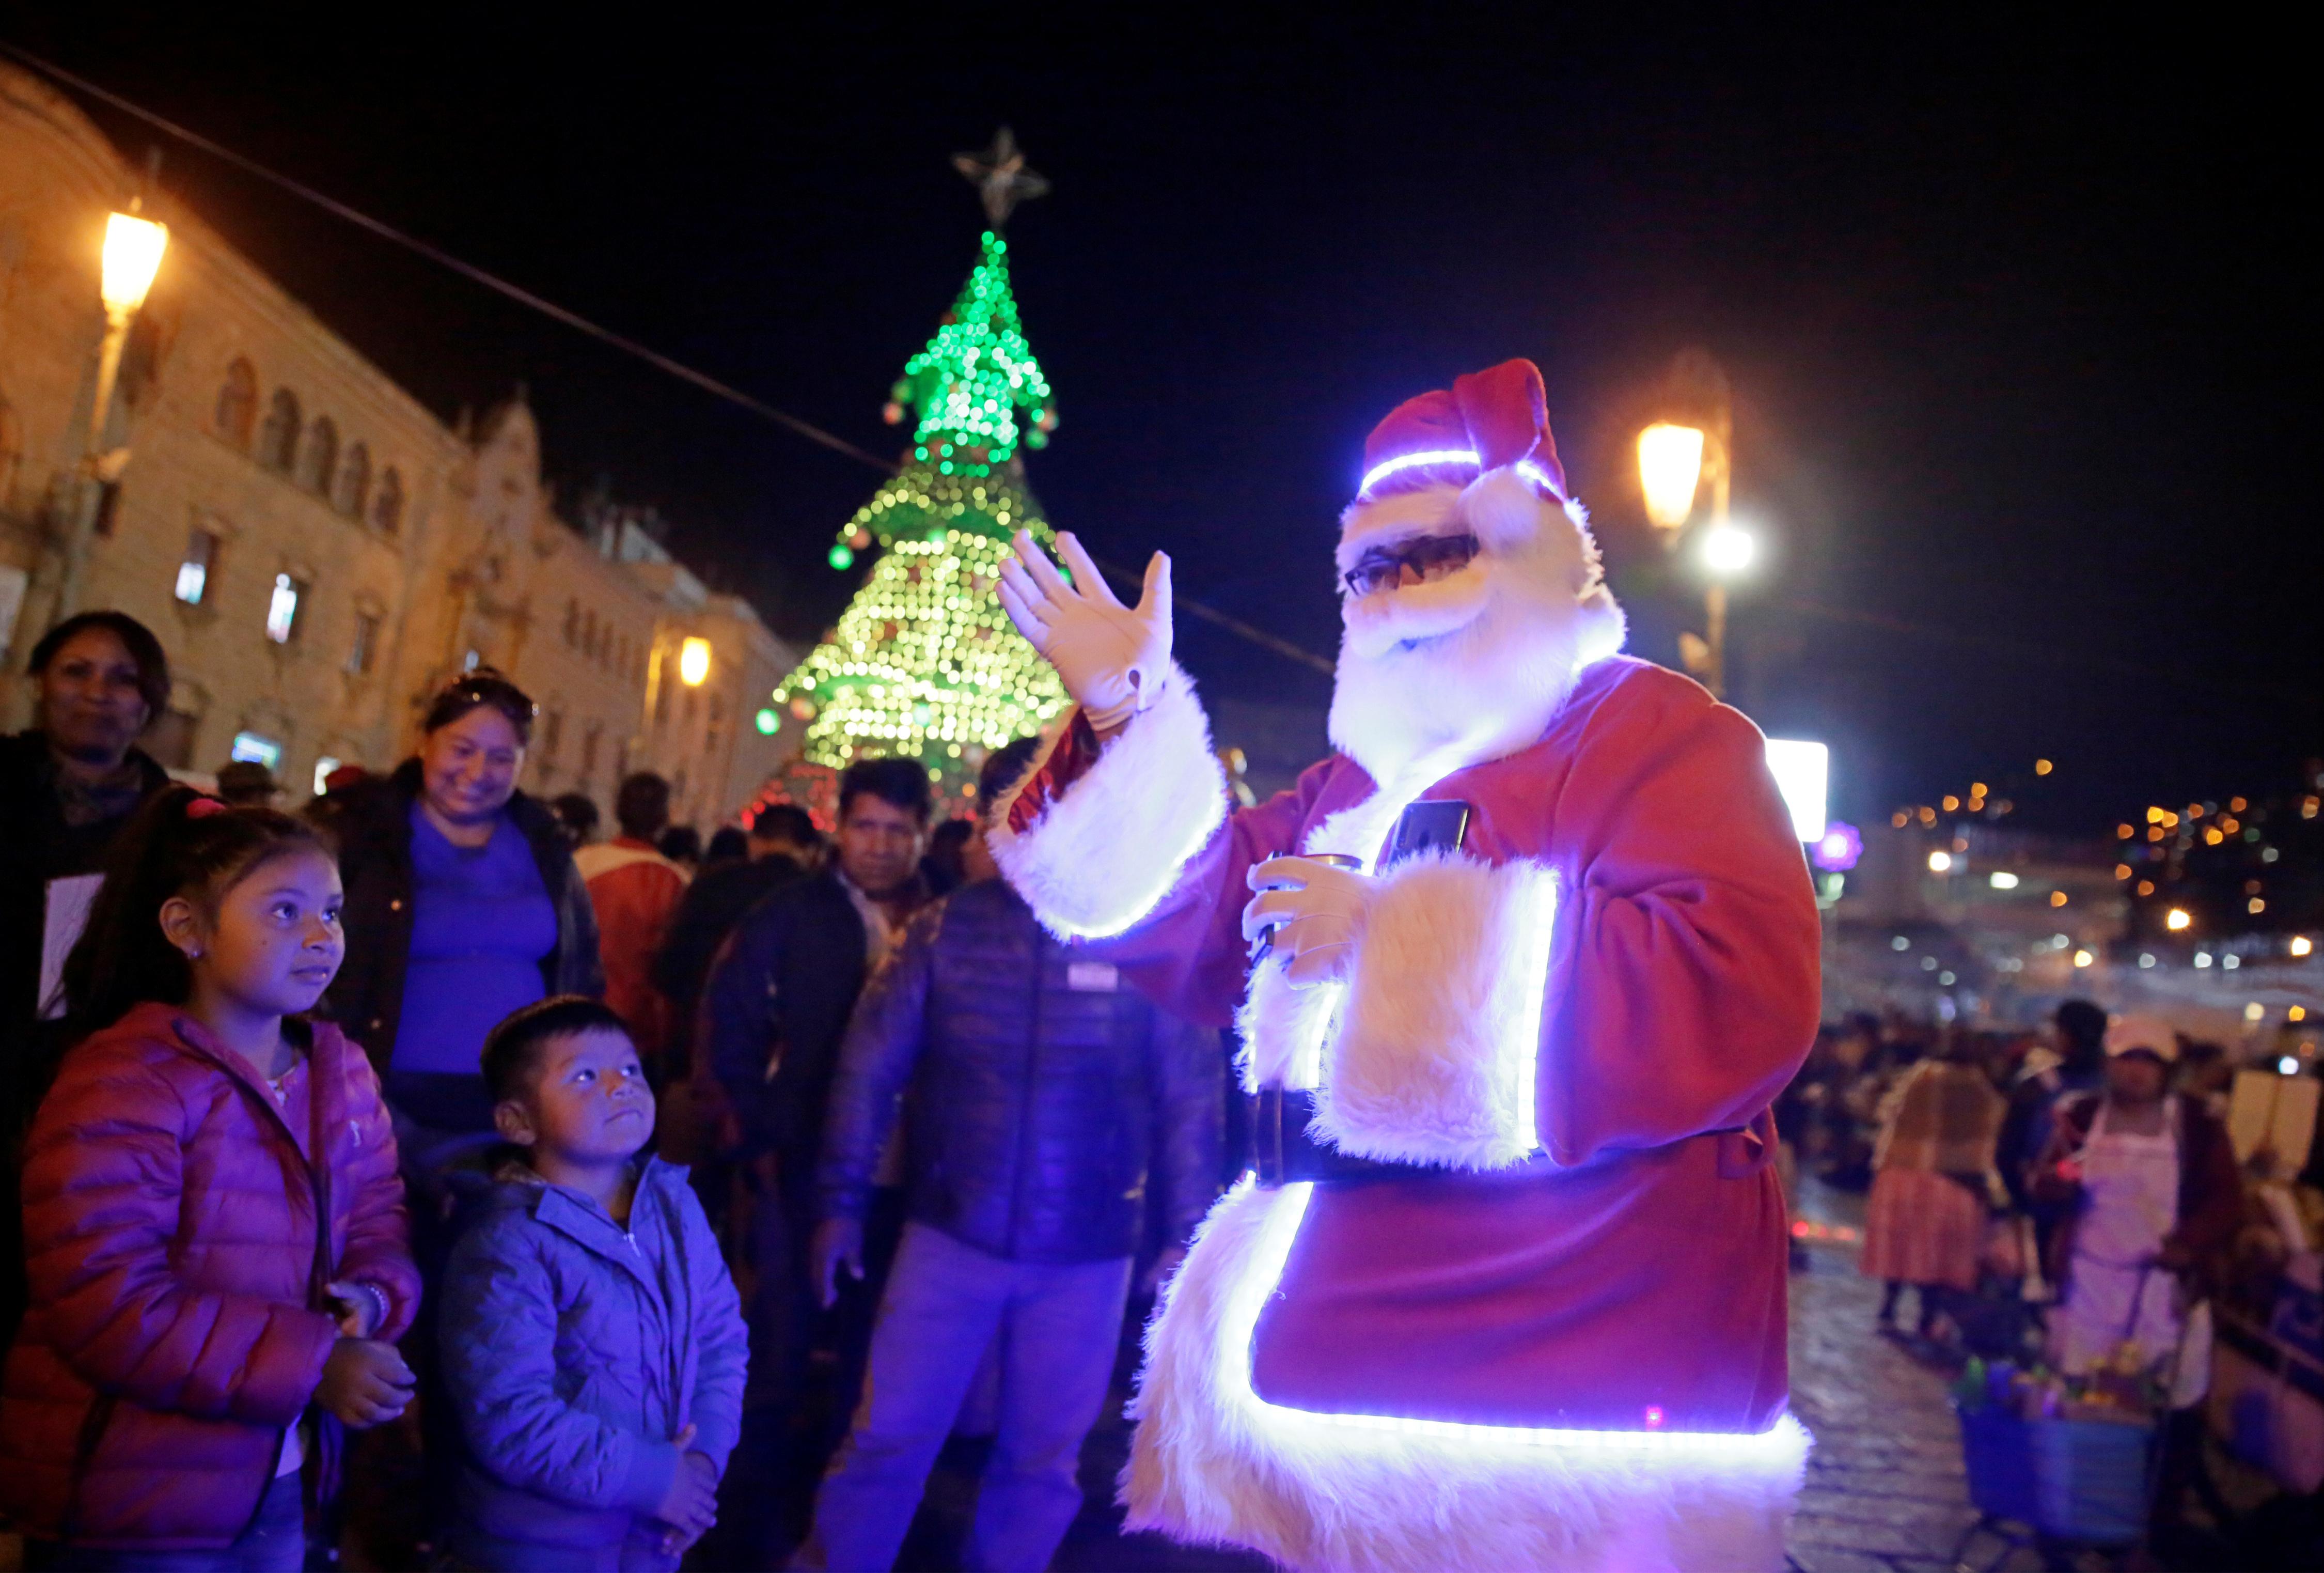 Un hombre vestido como Santa Claus saluda en la plaza San Francisco durante la temporada navideña en La Paz, Bolivia, el 22 de diciembre de 2019 (Reuters/ David Mercado)